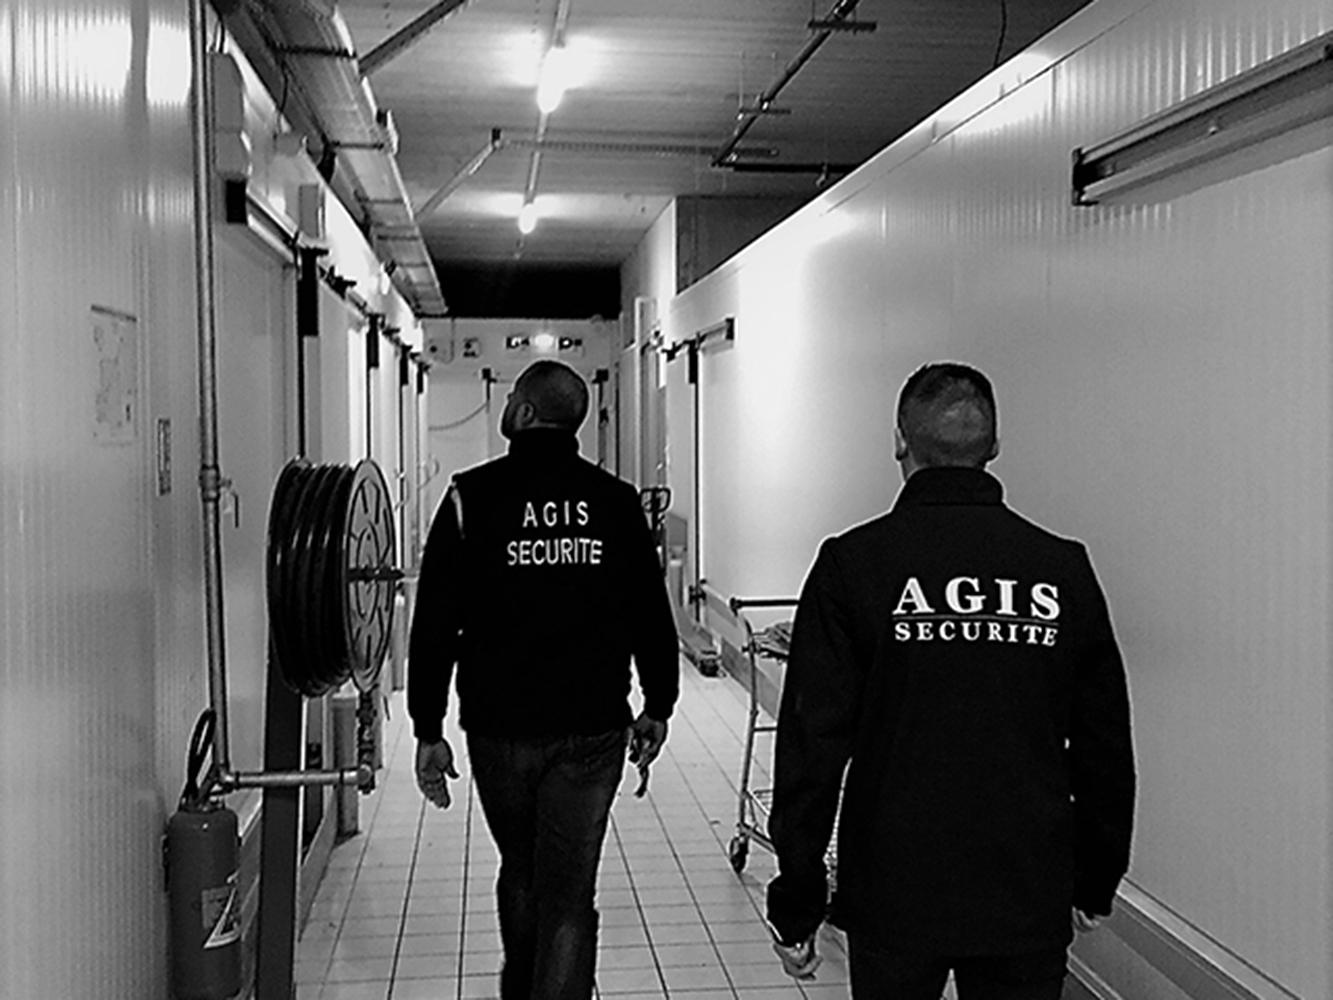 AGIS_Securite_-_Specialiste_normes_sécur